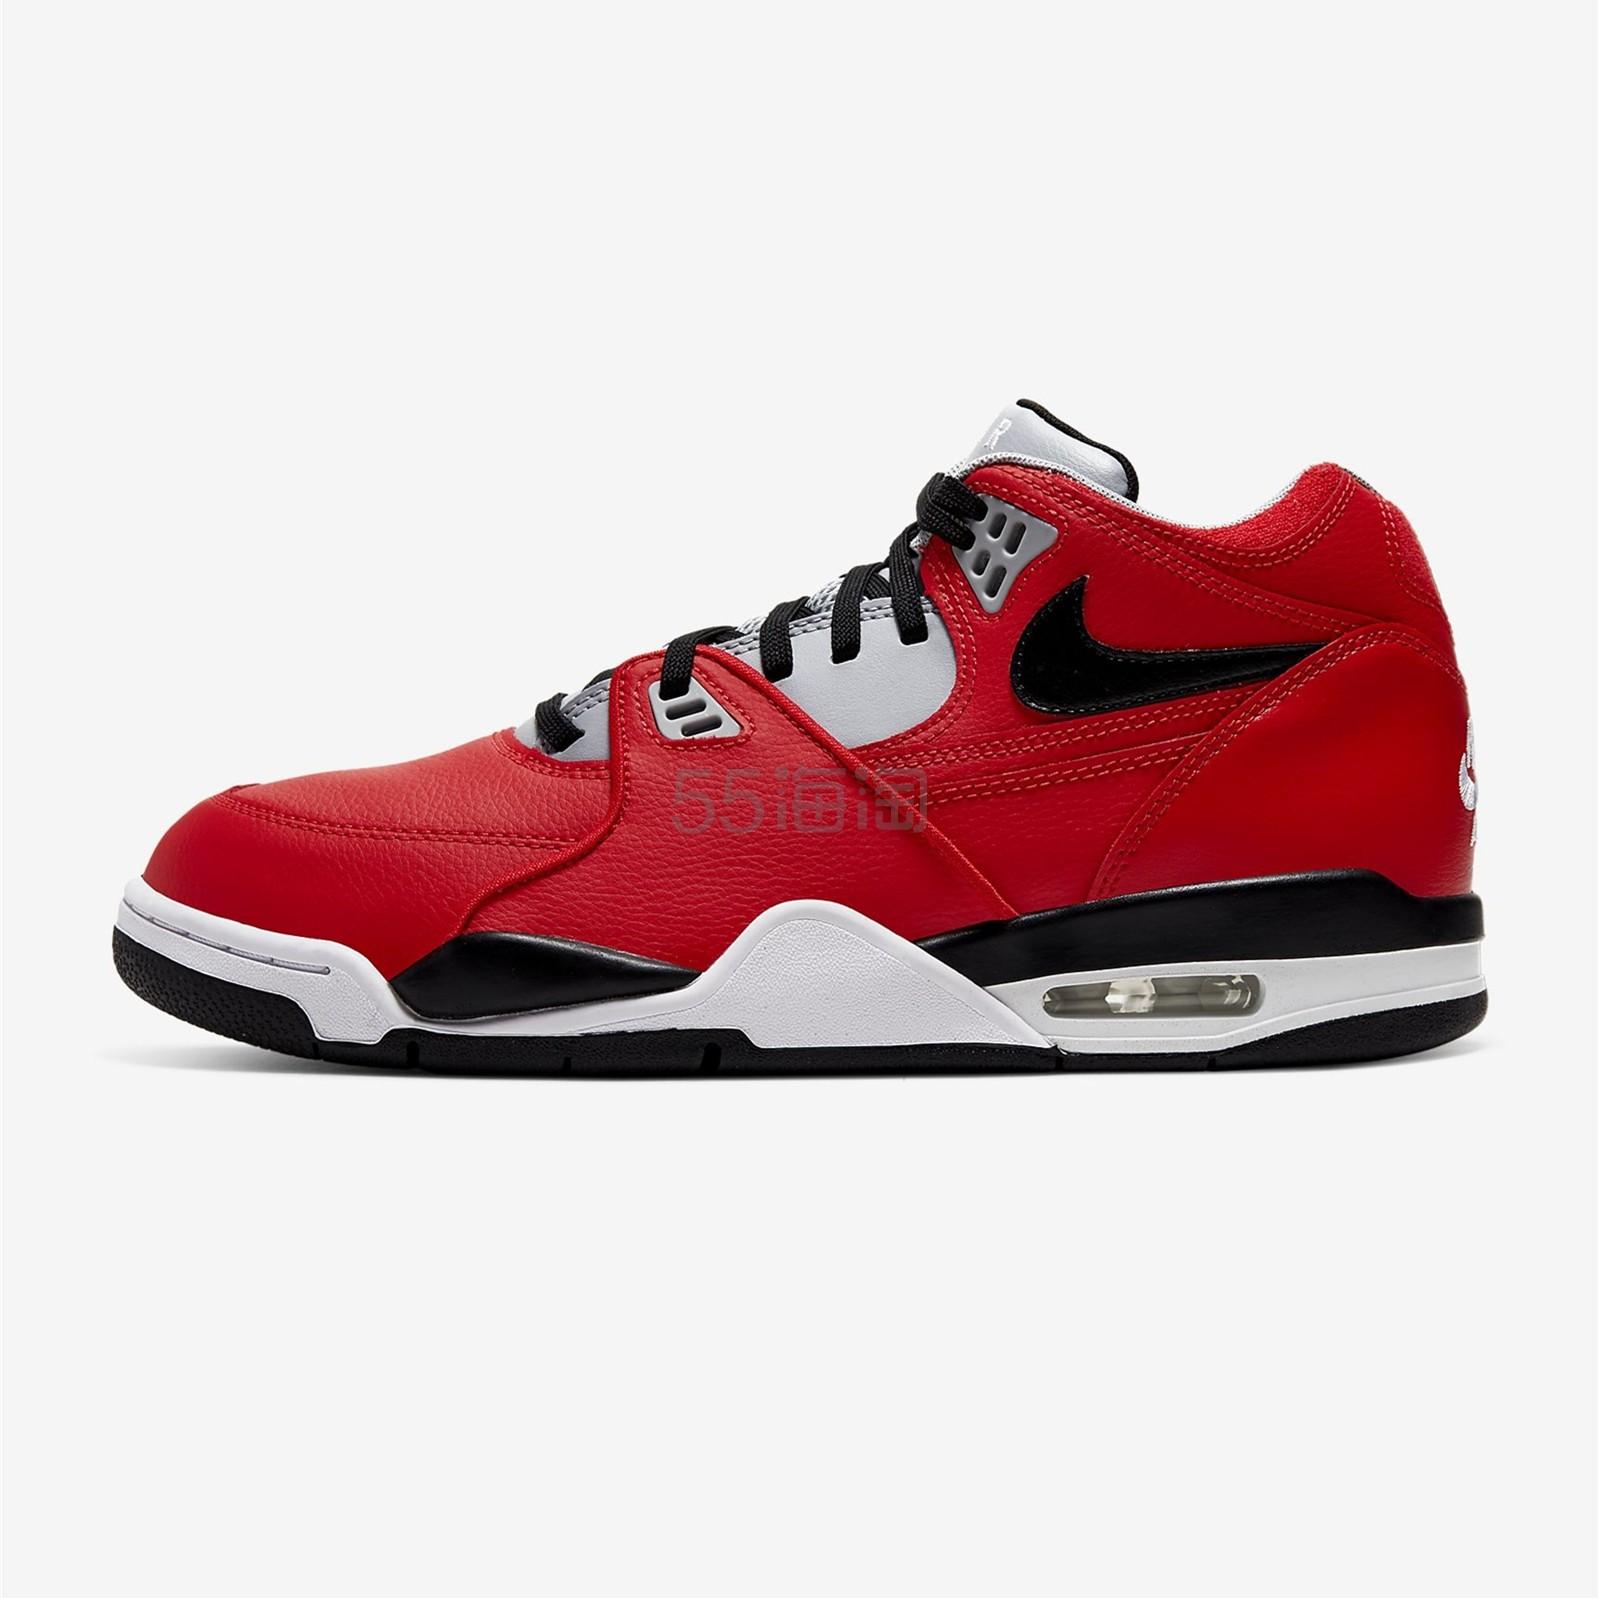 Nike 耐克 Air Flight 89 红黑配色男子运动鞋 ¥479 - 海淘优惠海淘折扣|55海淘网